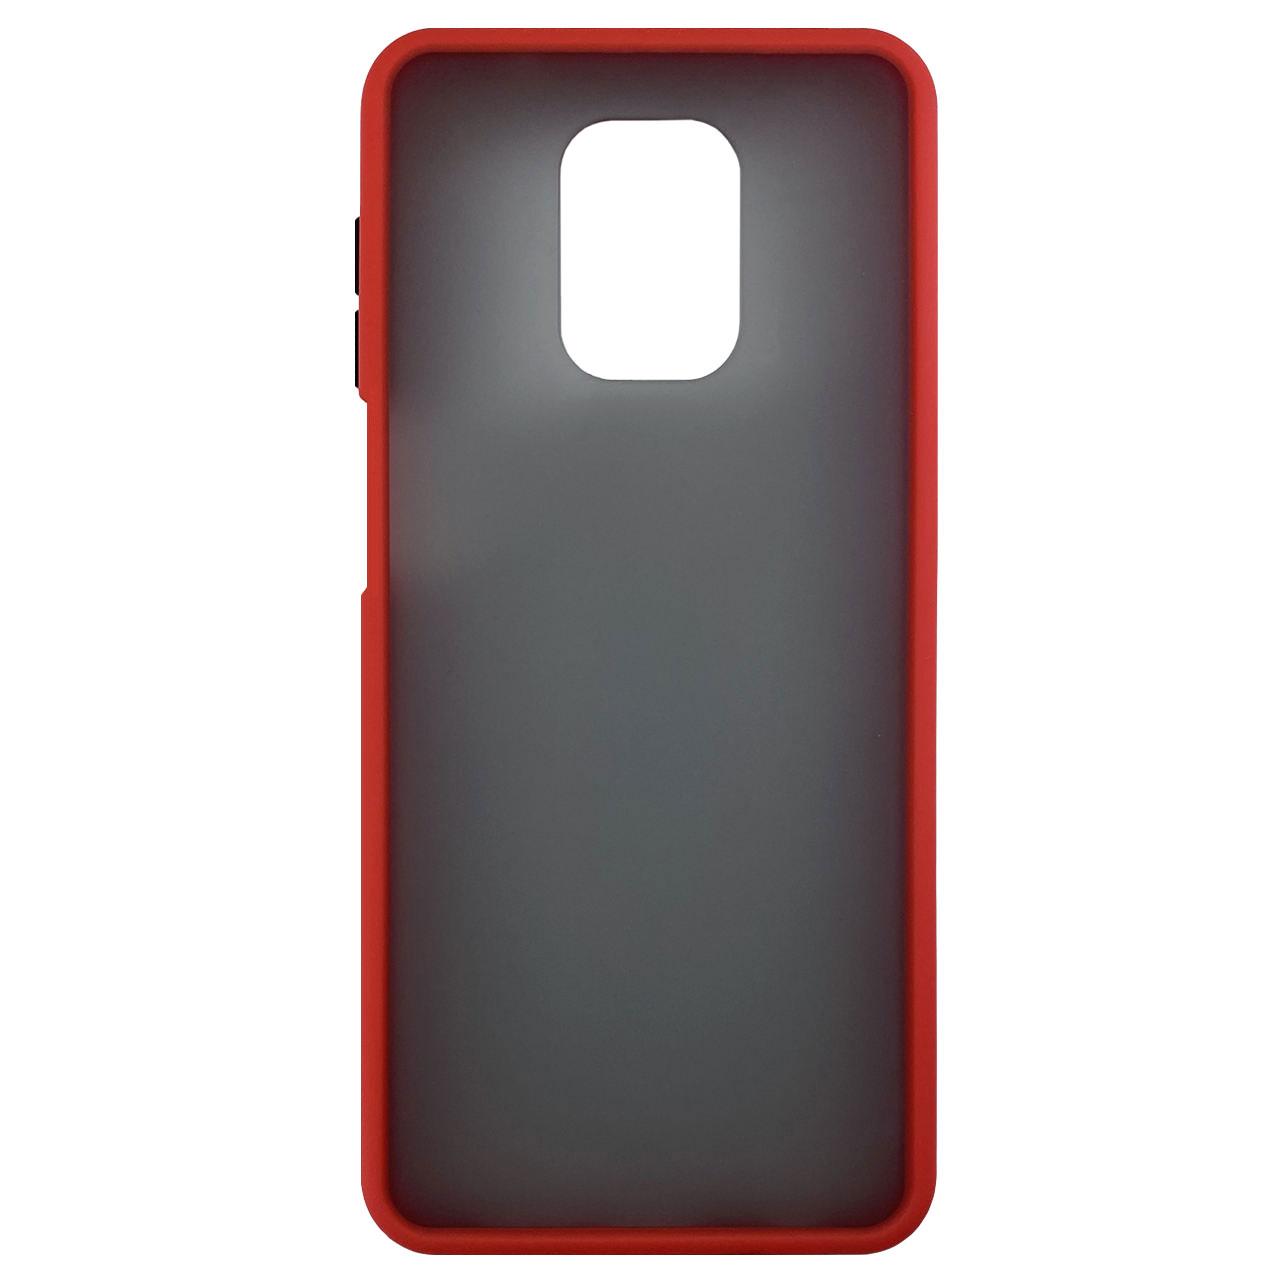 کاور مدل PM مناسب برای گوشی موبایل شیائومی Redmi Note 9S